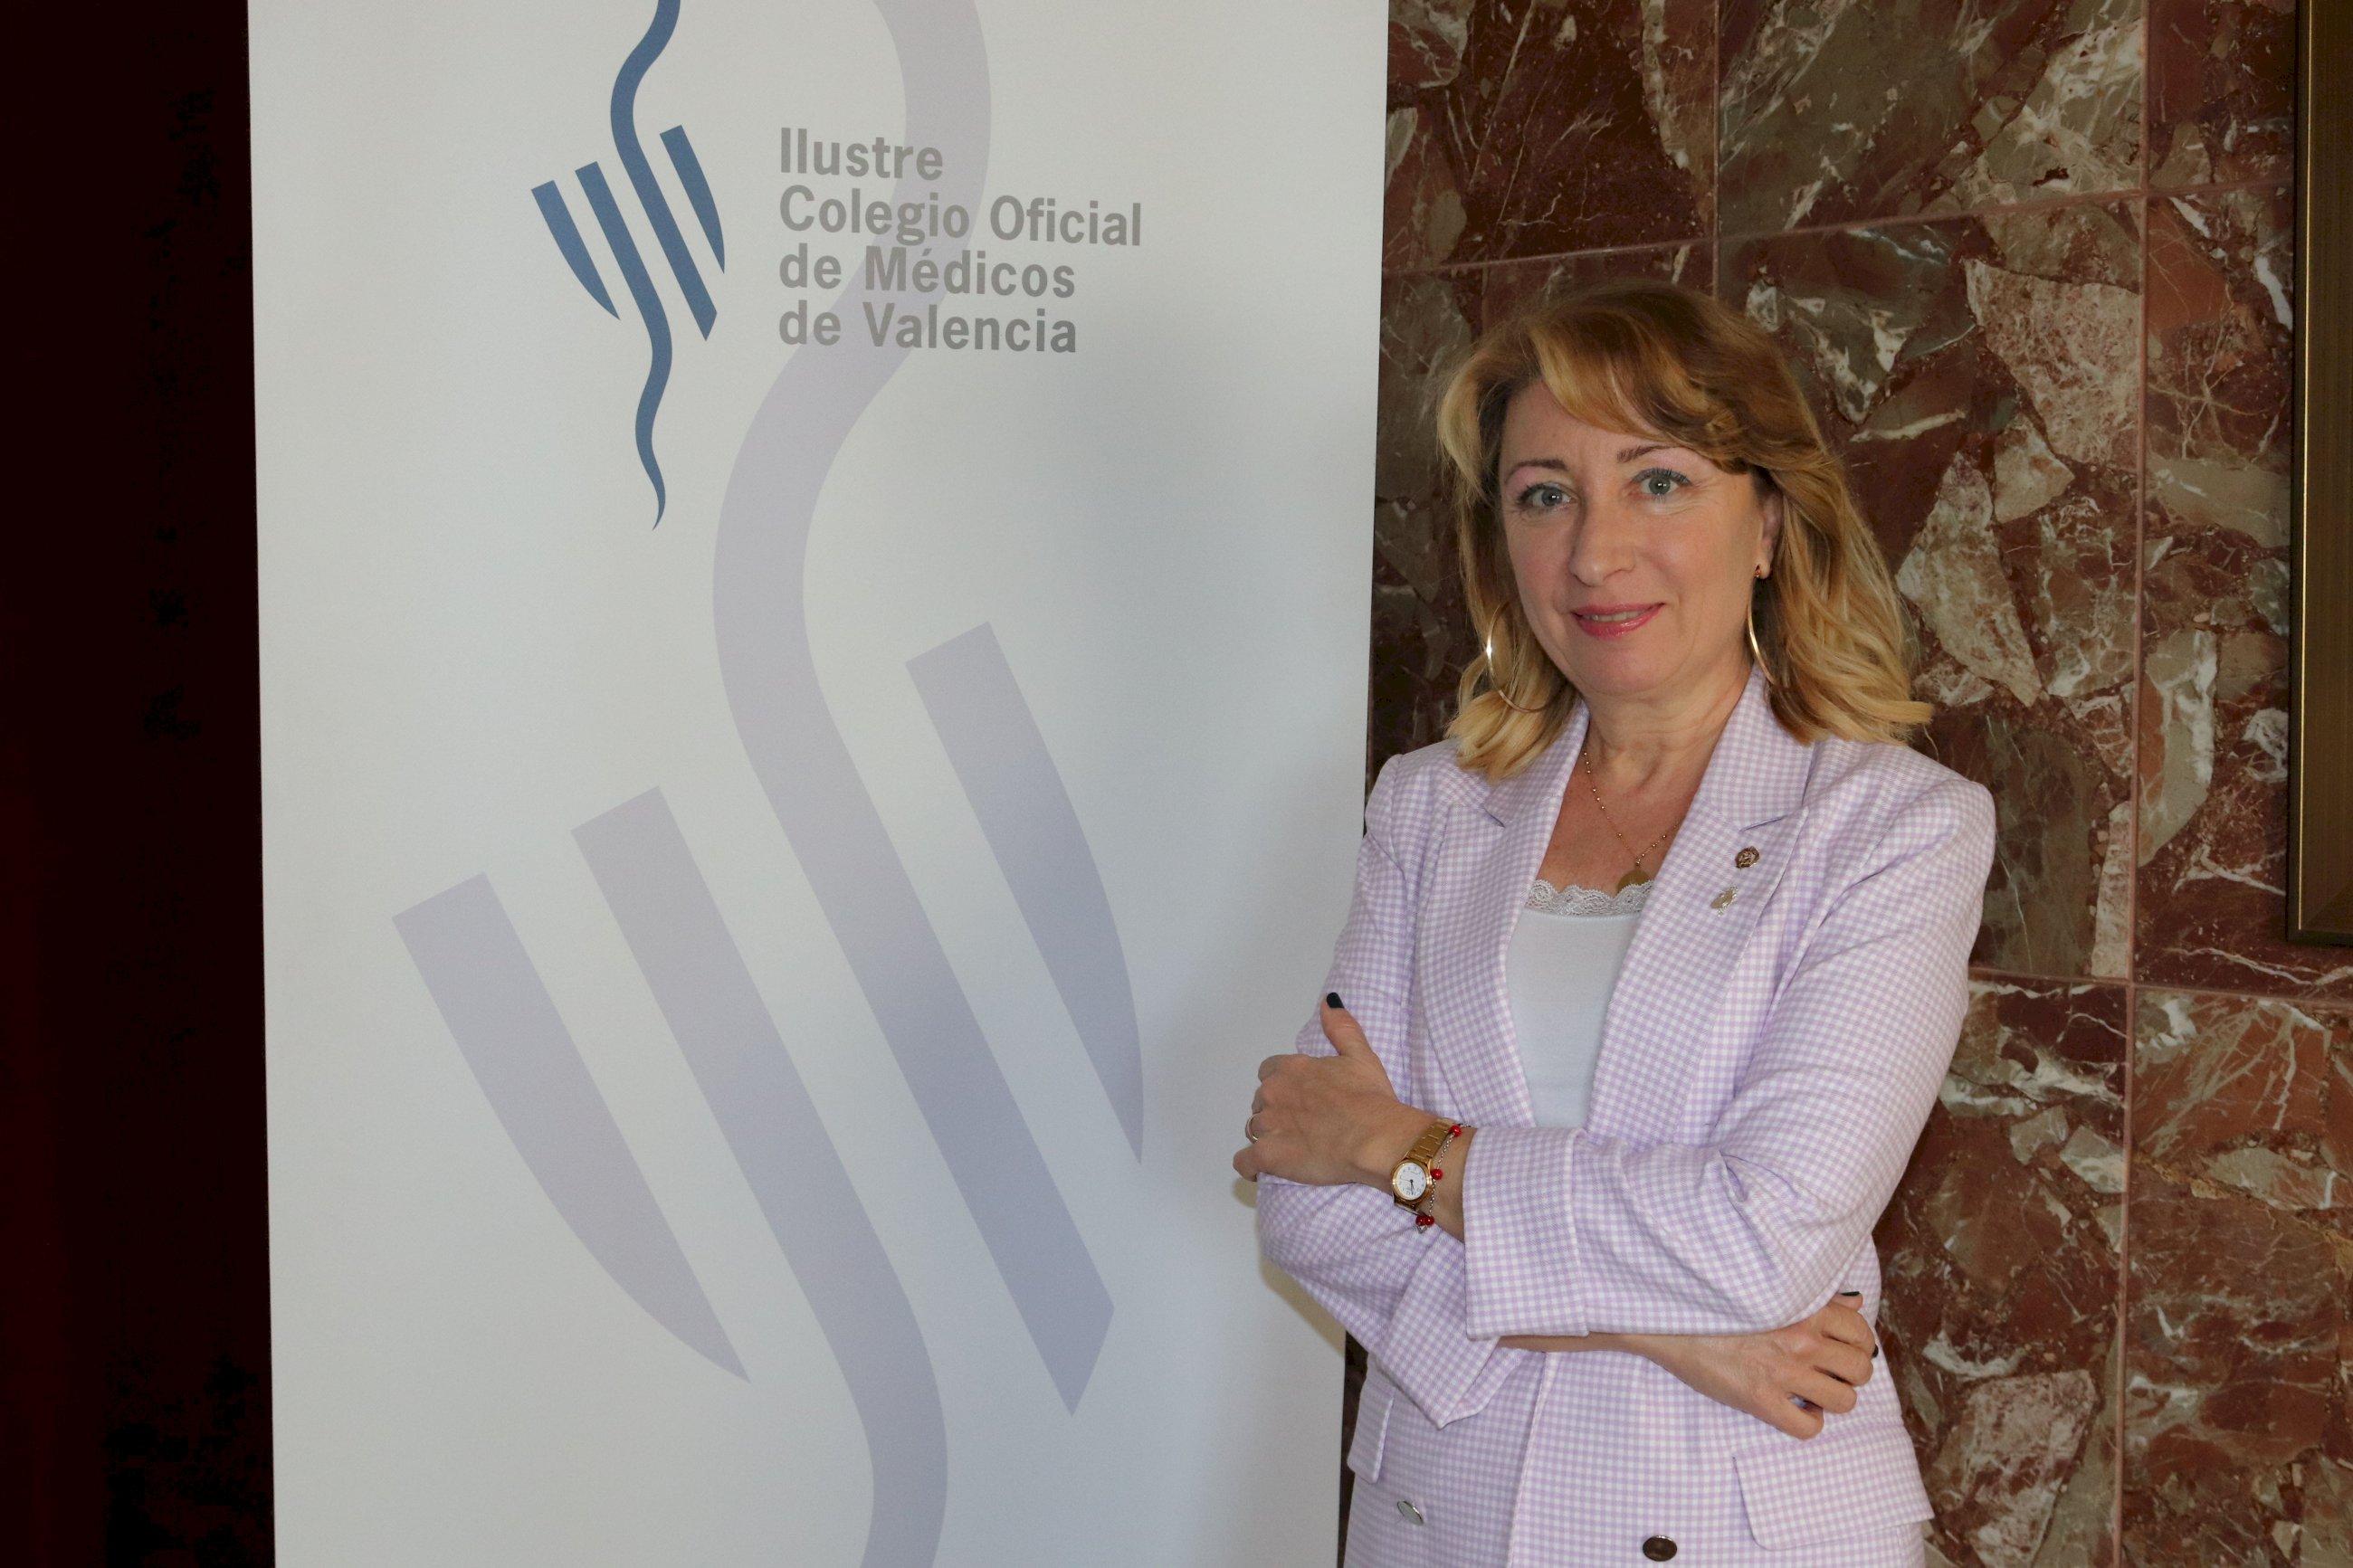 La presidenta del Colegio Oficial de Médicos de Valencia, Mercedes Hurtado